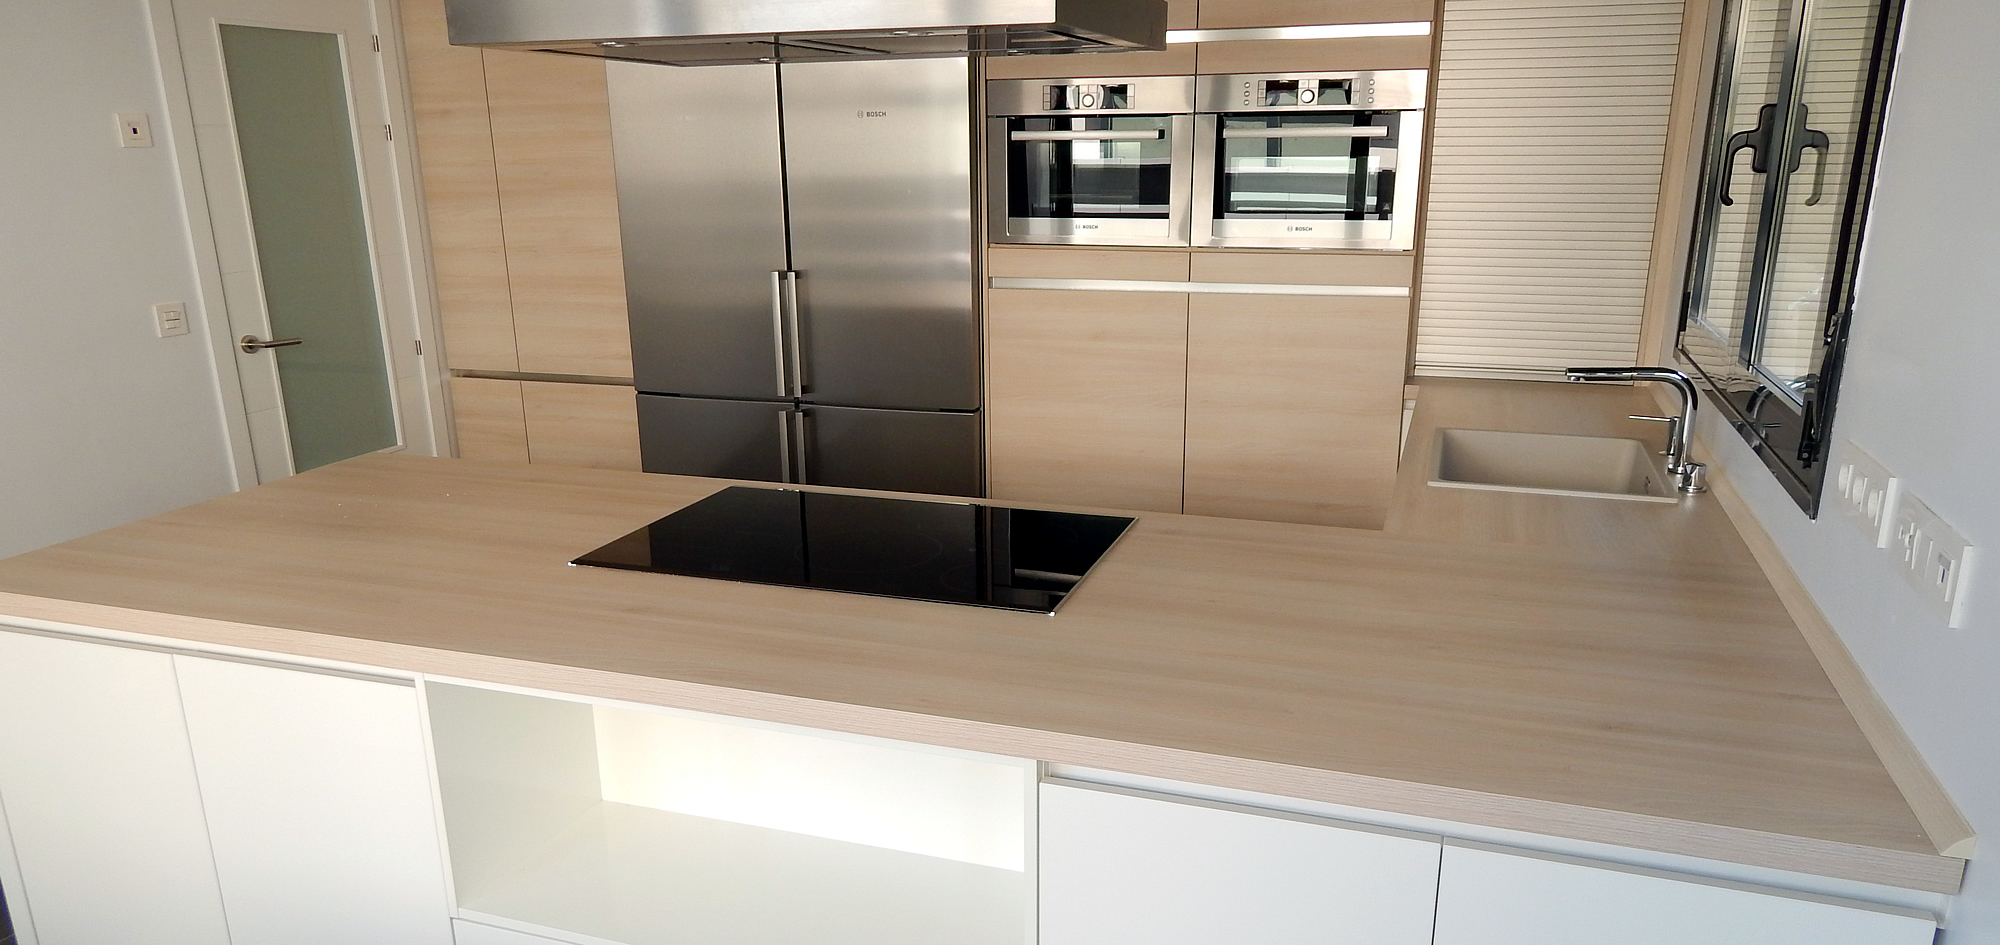 Muebles de cocina blanco alto brillo - Muebles cocina blanco ...